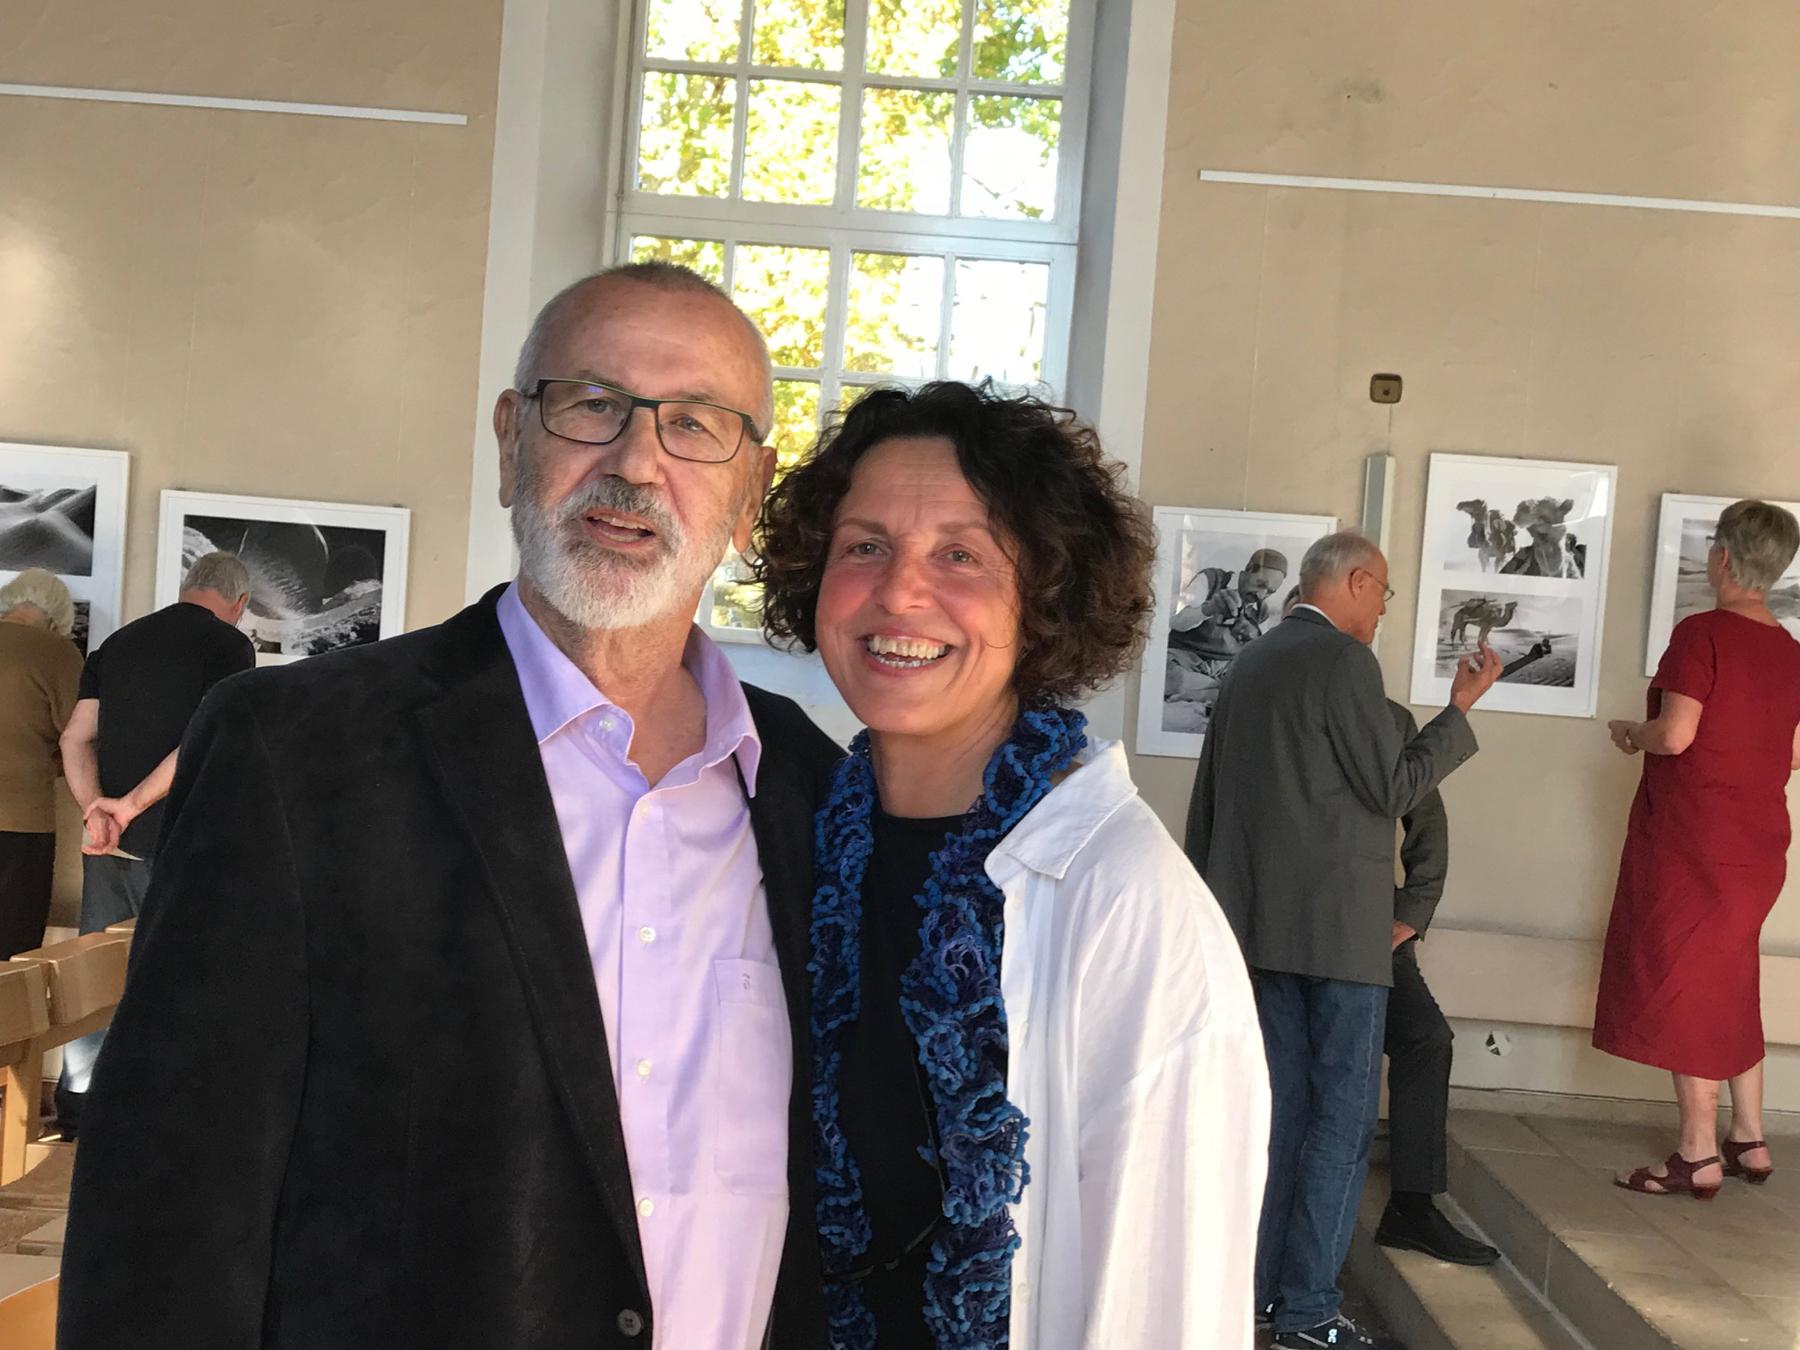 Mit Arnd Pählig, Freund und Kurator der Ausstellung. Bild: Heidi Haug